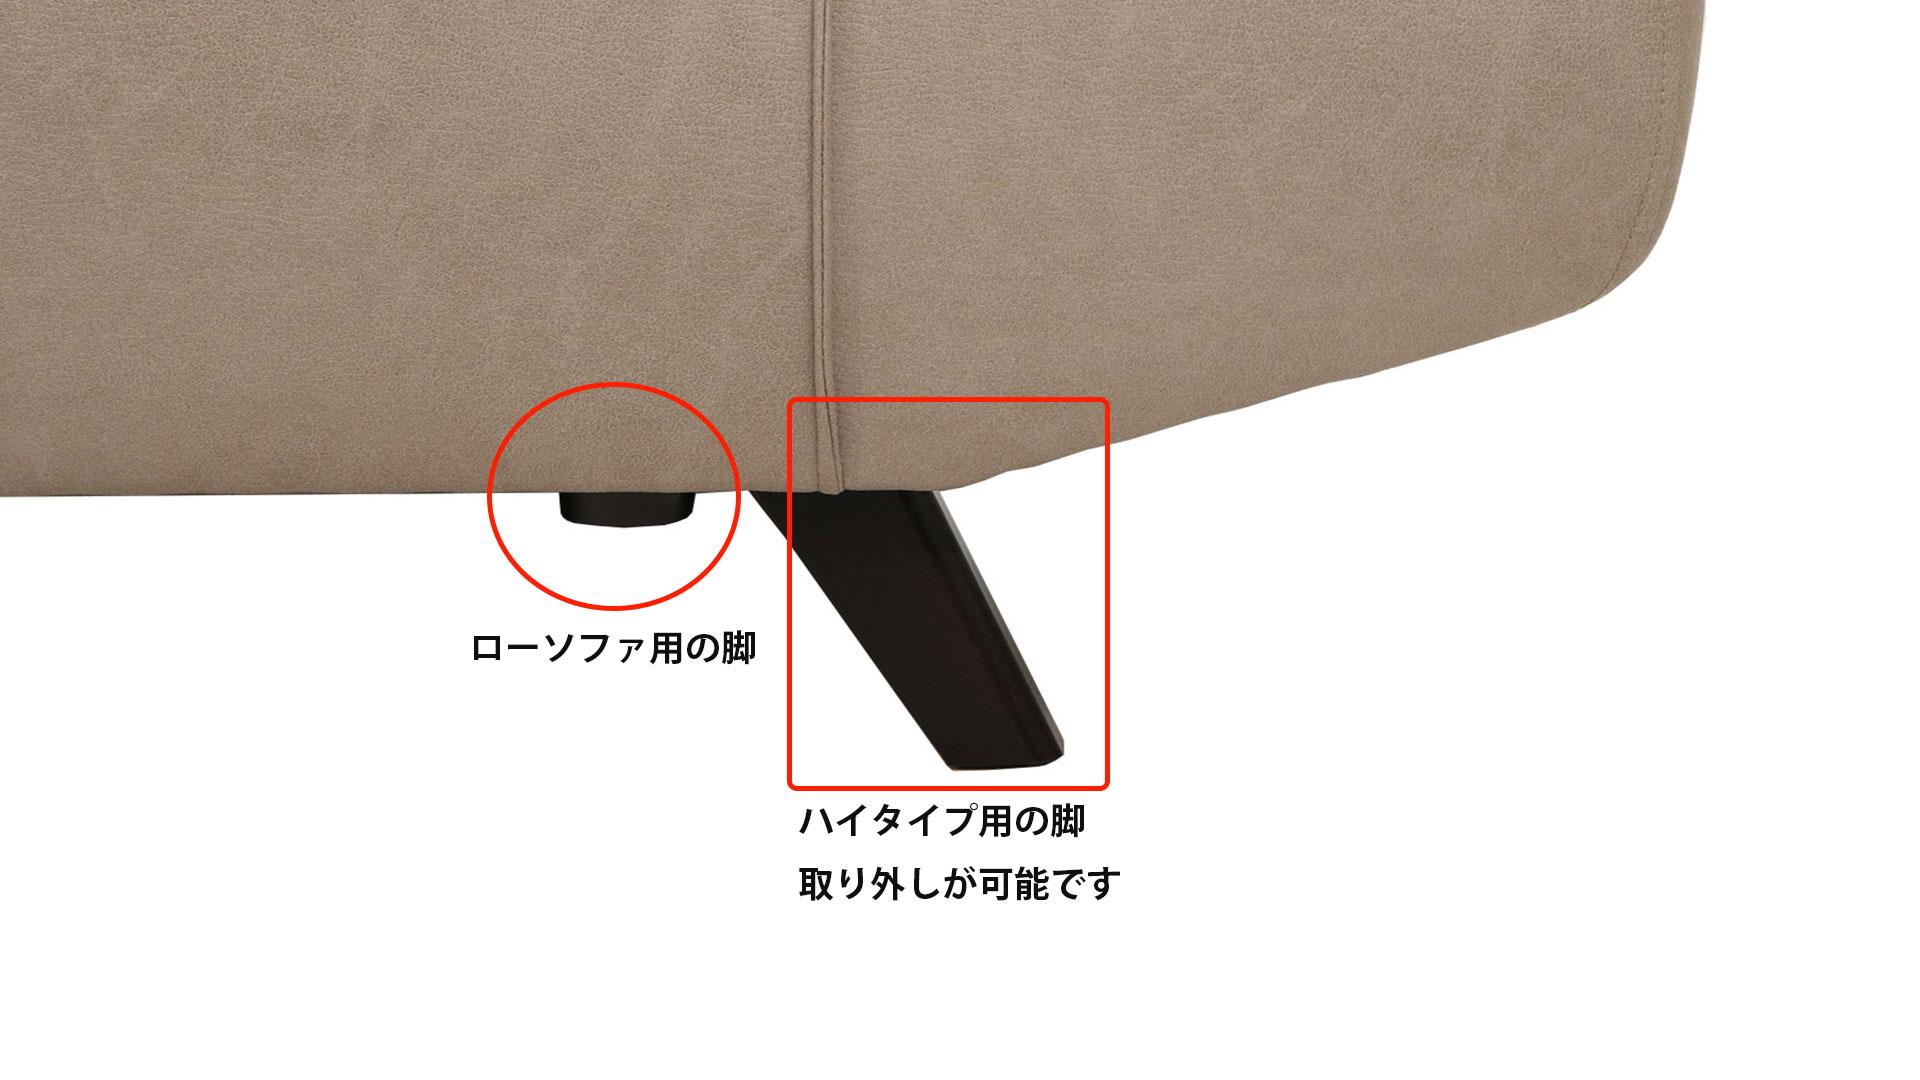 アスクインのベッドソファのロータイプとハイタイプの説明の画像